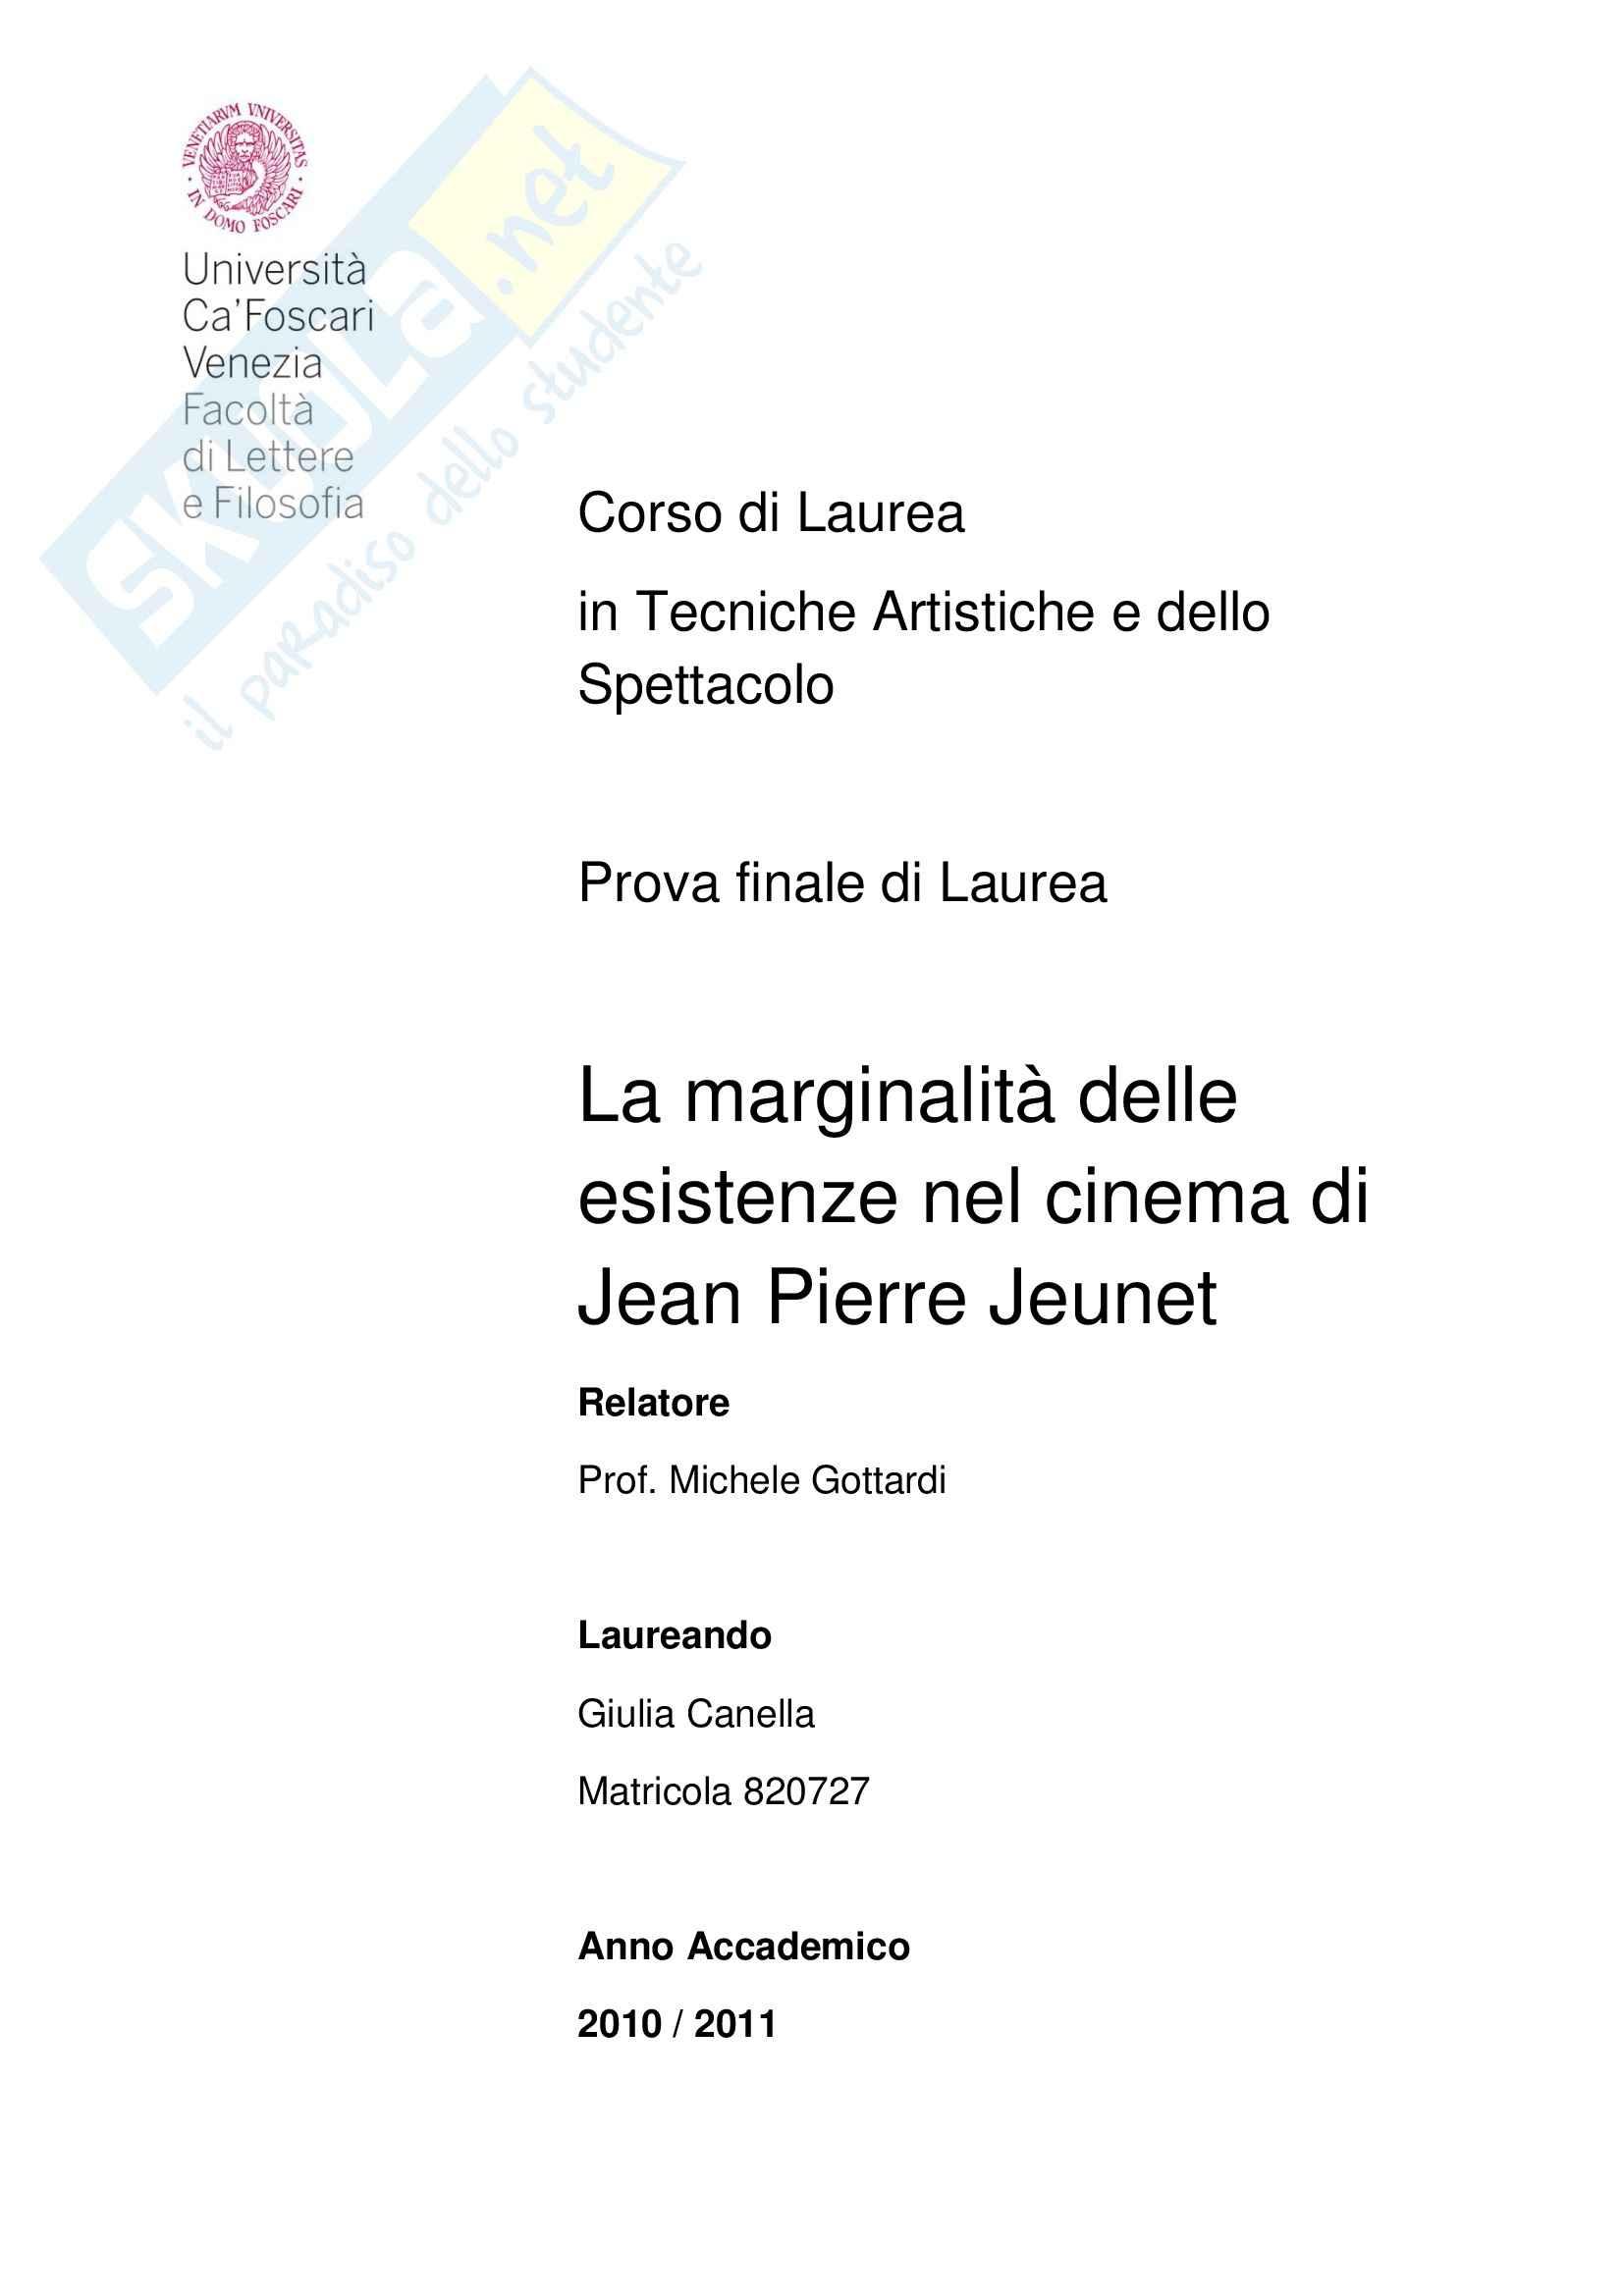 La marginalità delle esistenze nel cinema di Jean Pierre Jeunet, tesi